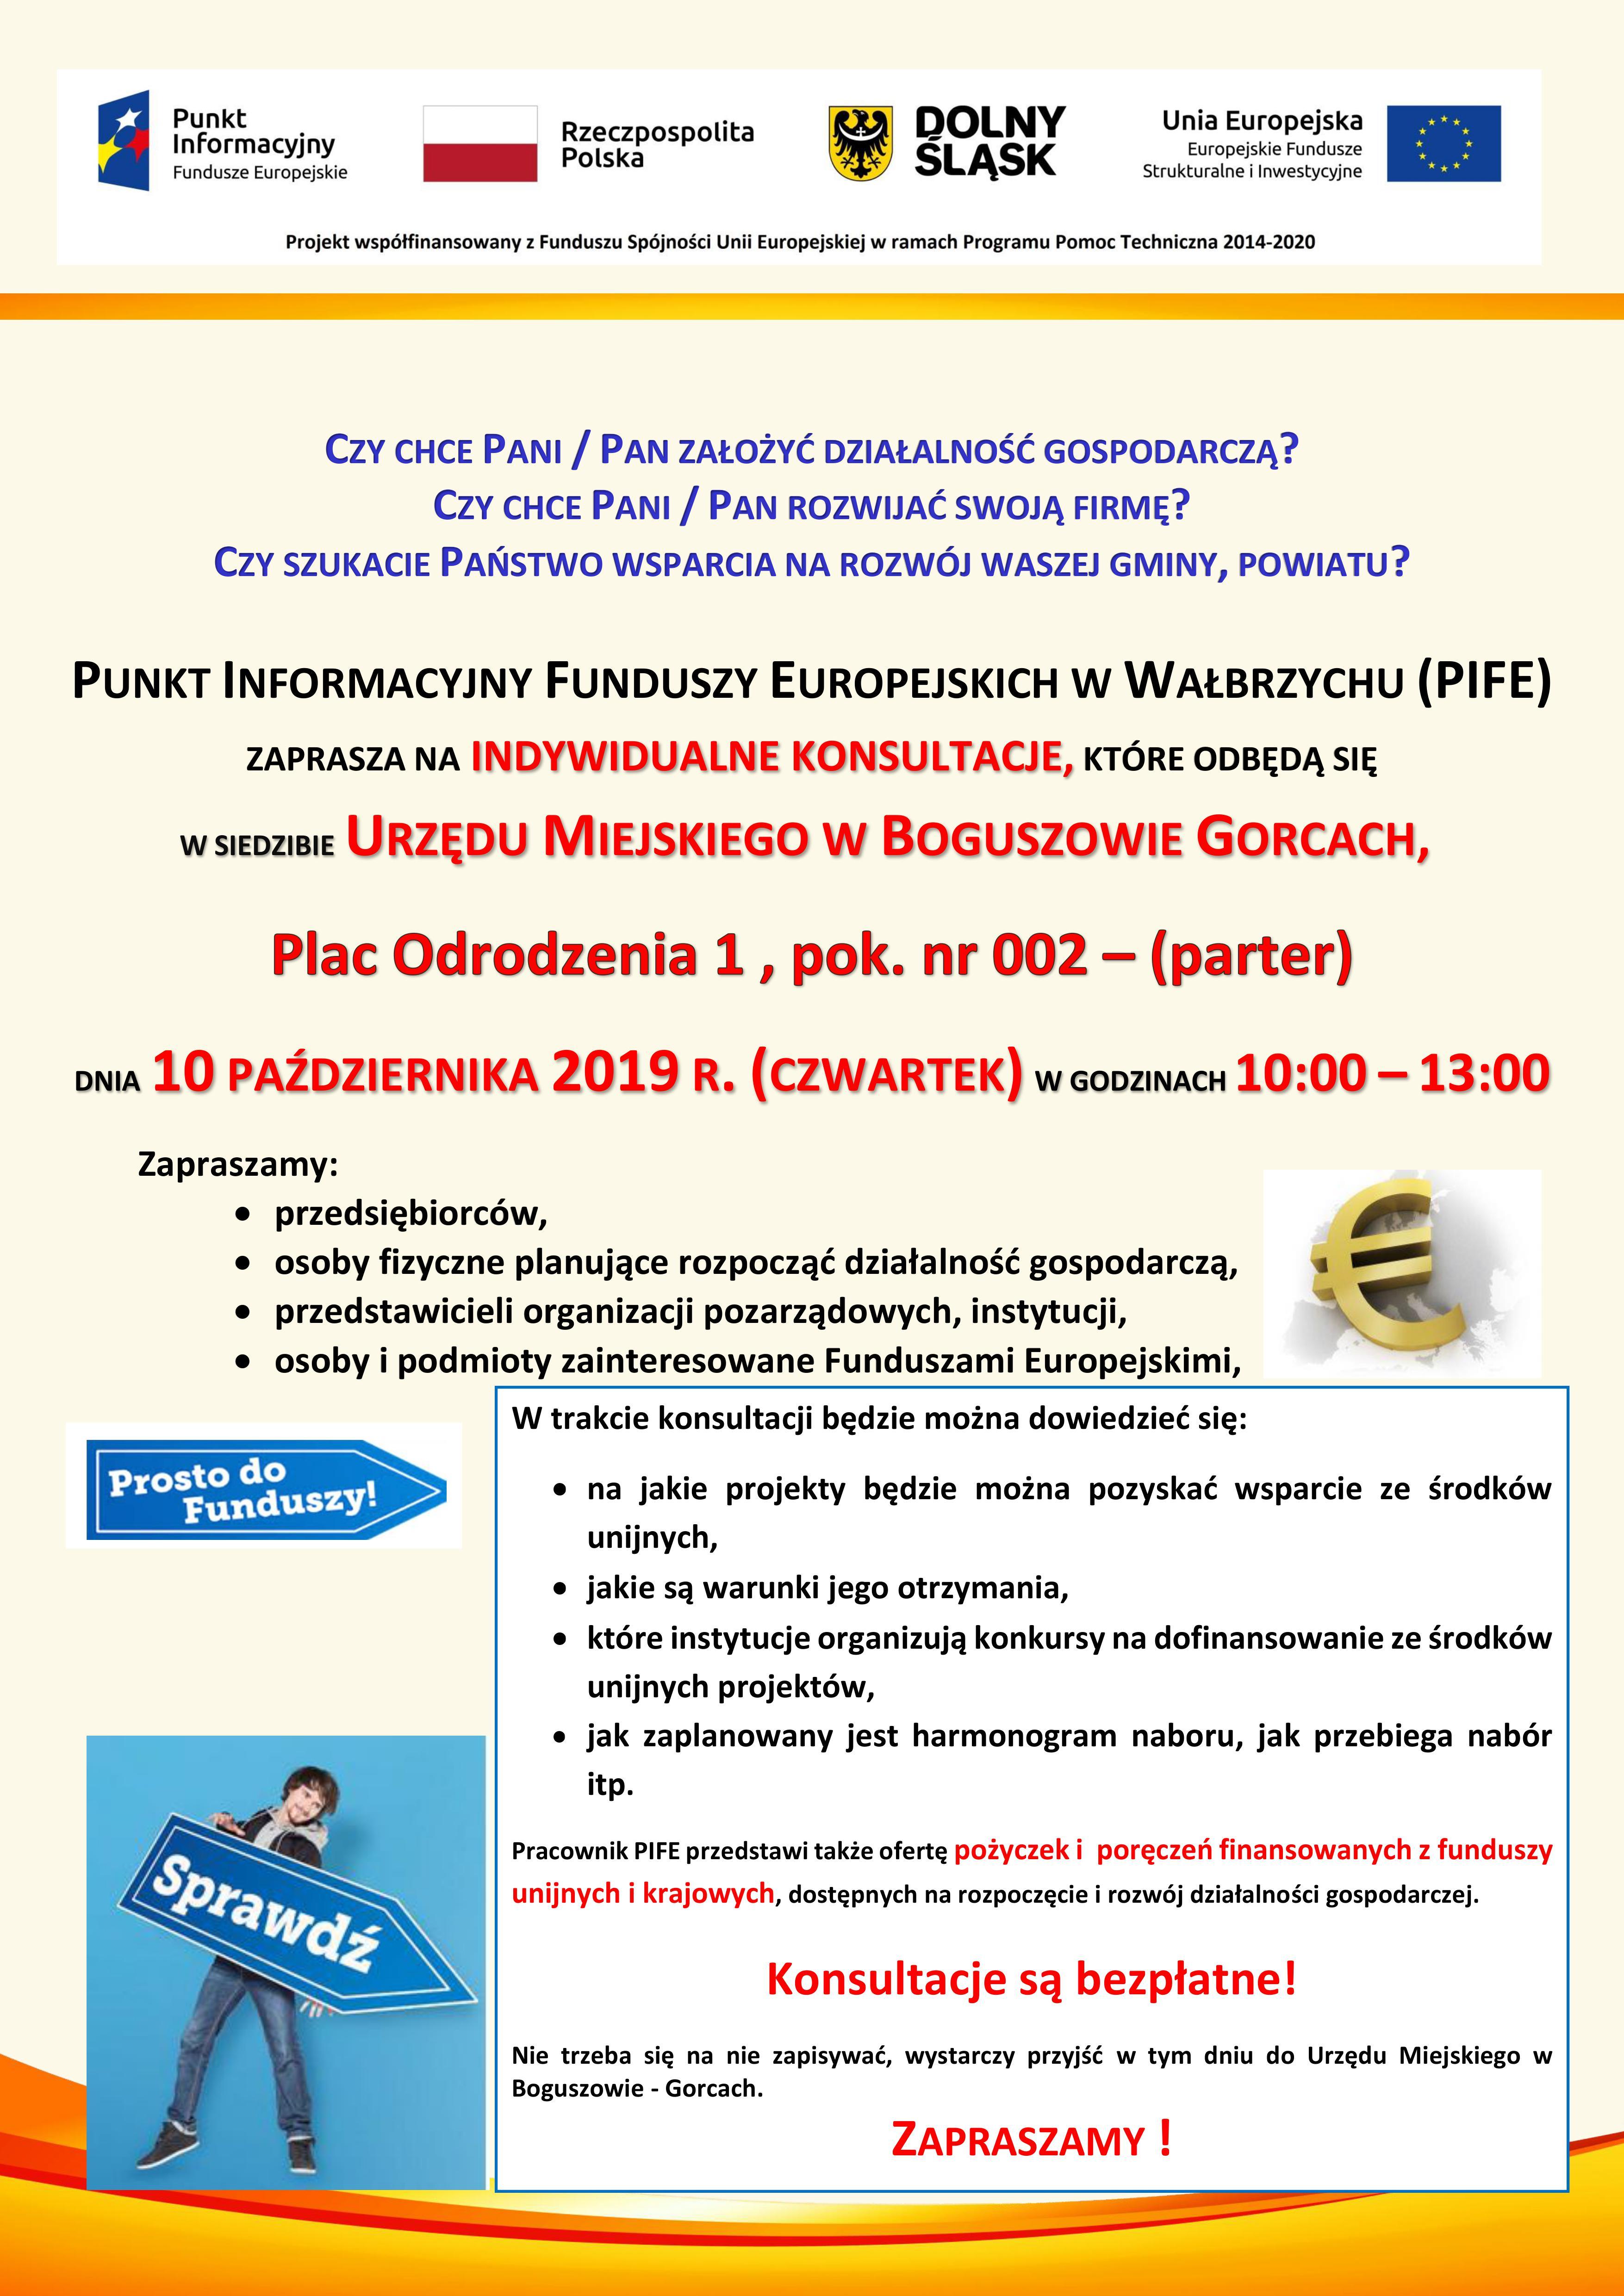 Indywidualne konsultacje - Fundusze Europejskie